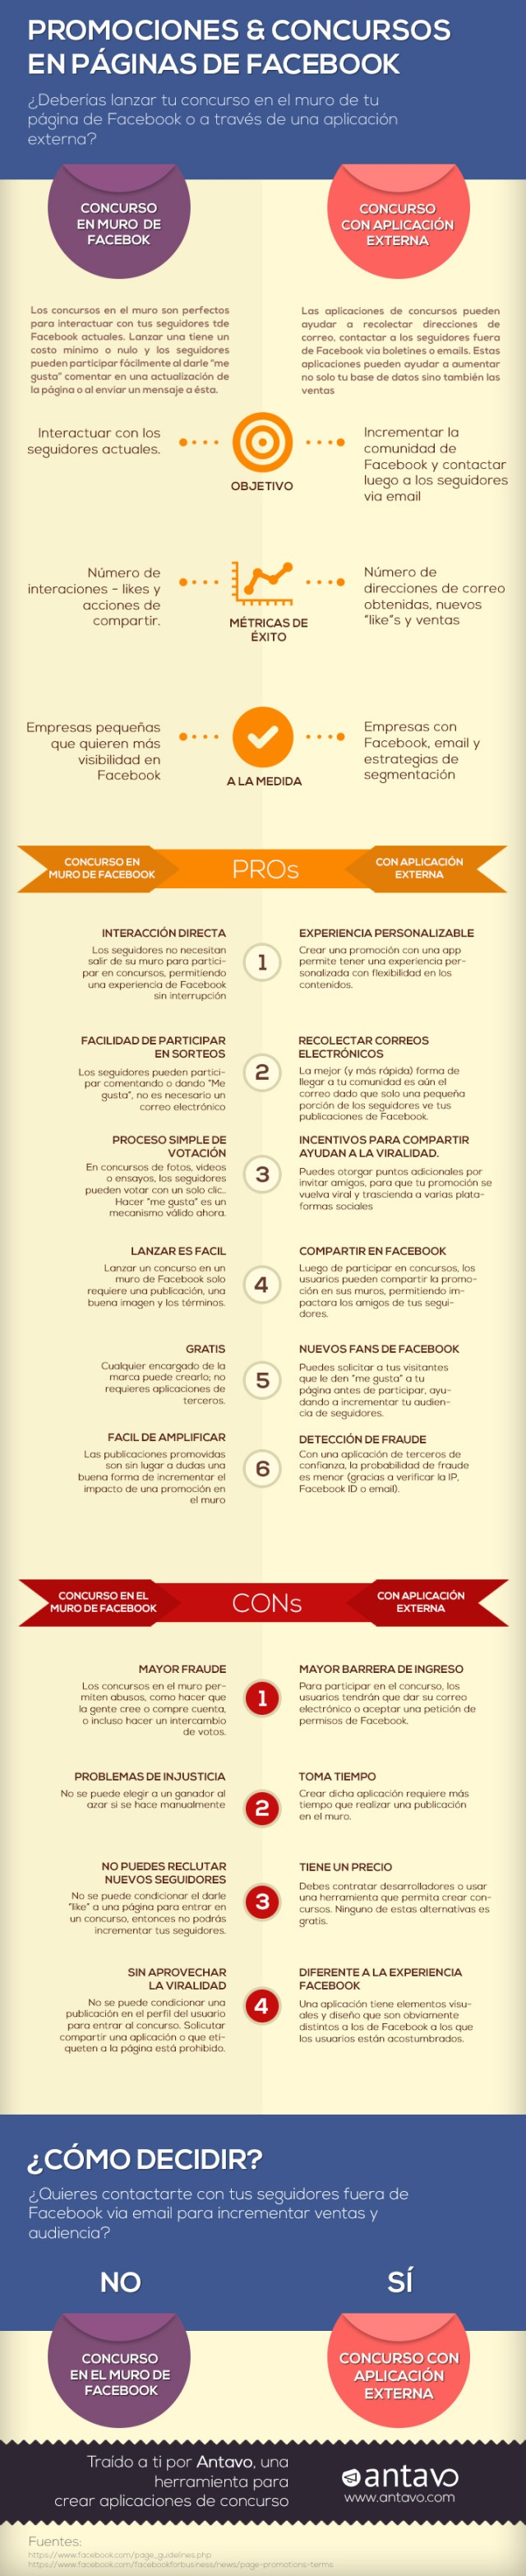 Promociones y concursos en FaceBook